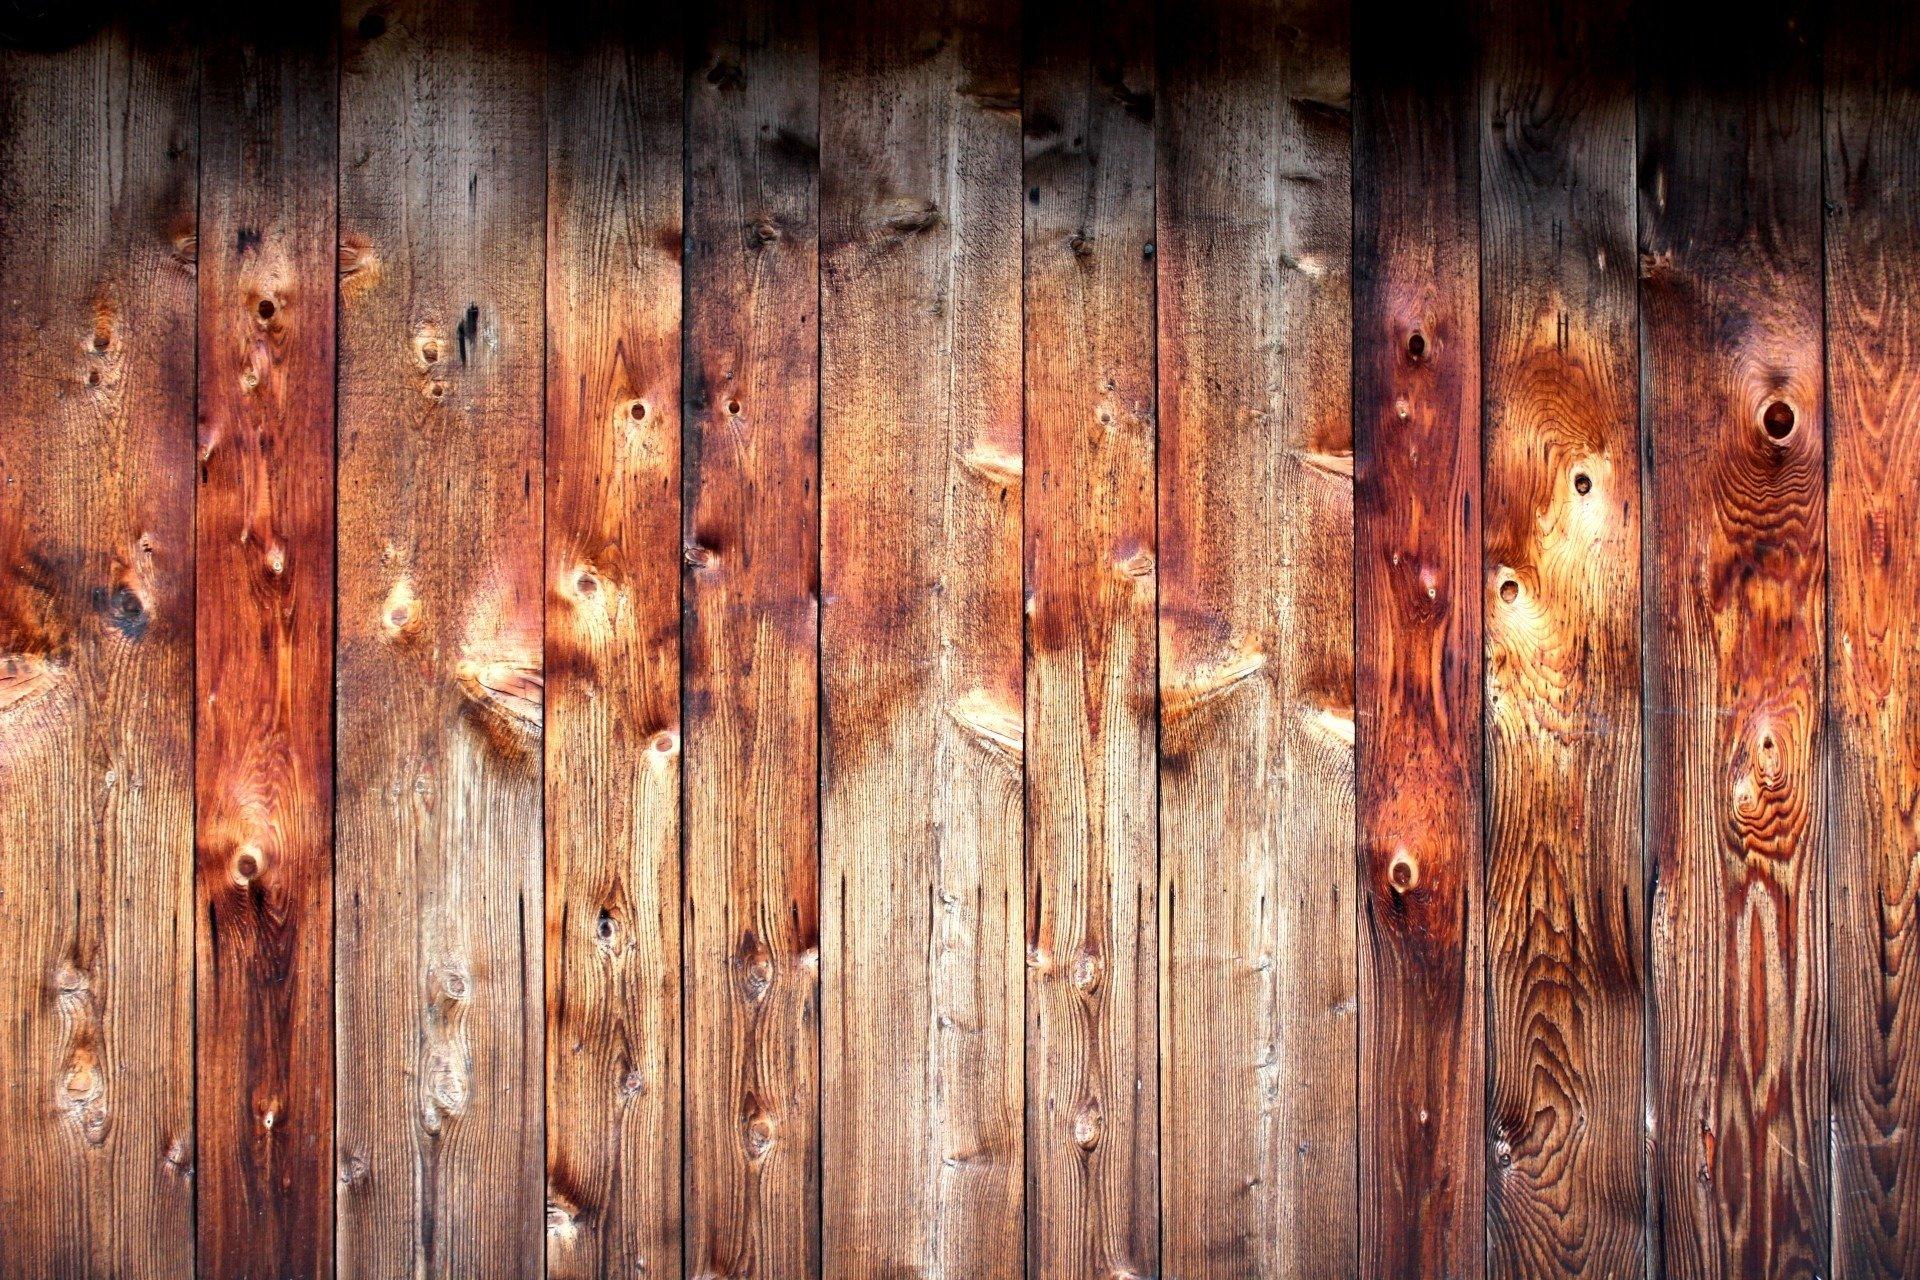 проверки деревянная дощечка картинки фон пауков